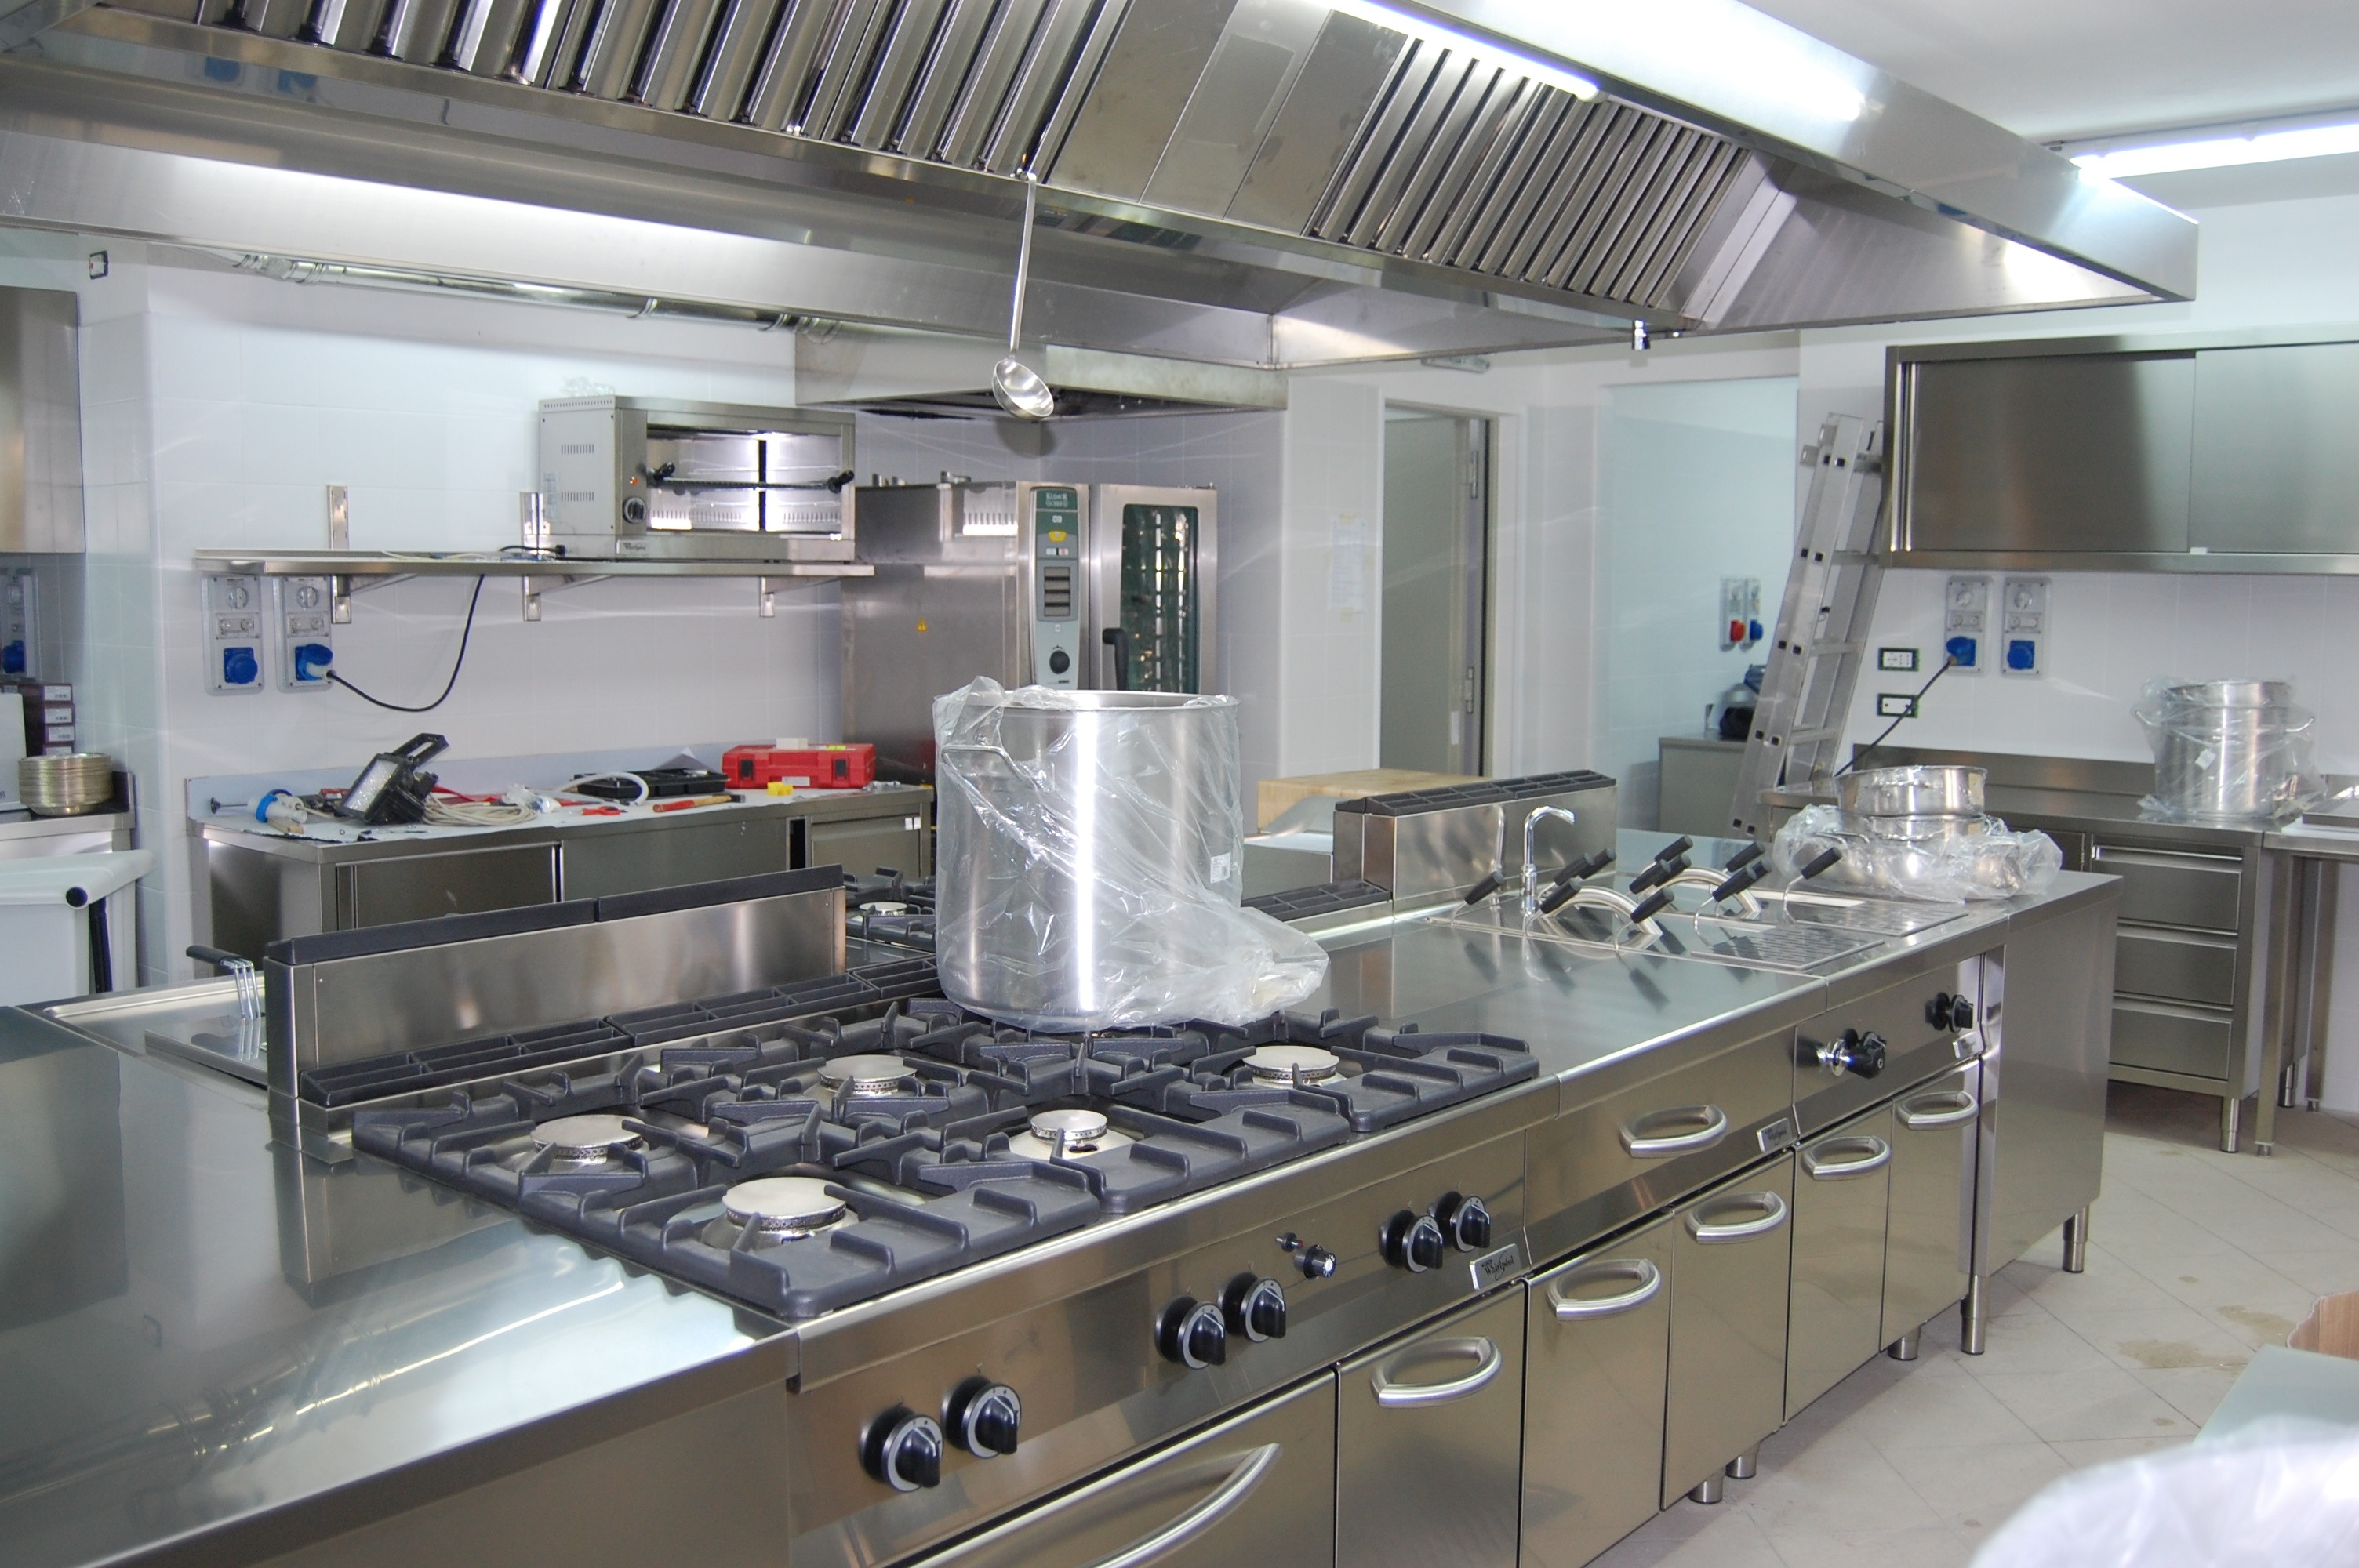 Best Cucine Inox Professionali Photos - Ideas & Design 2017 ...